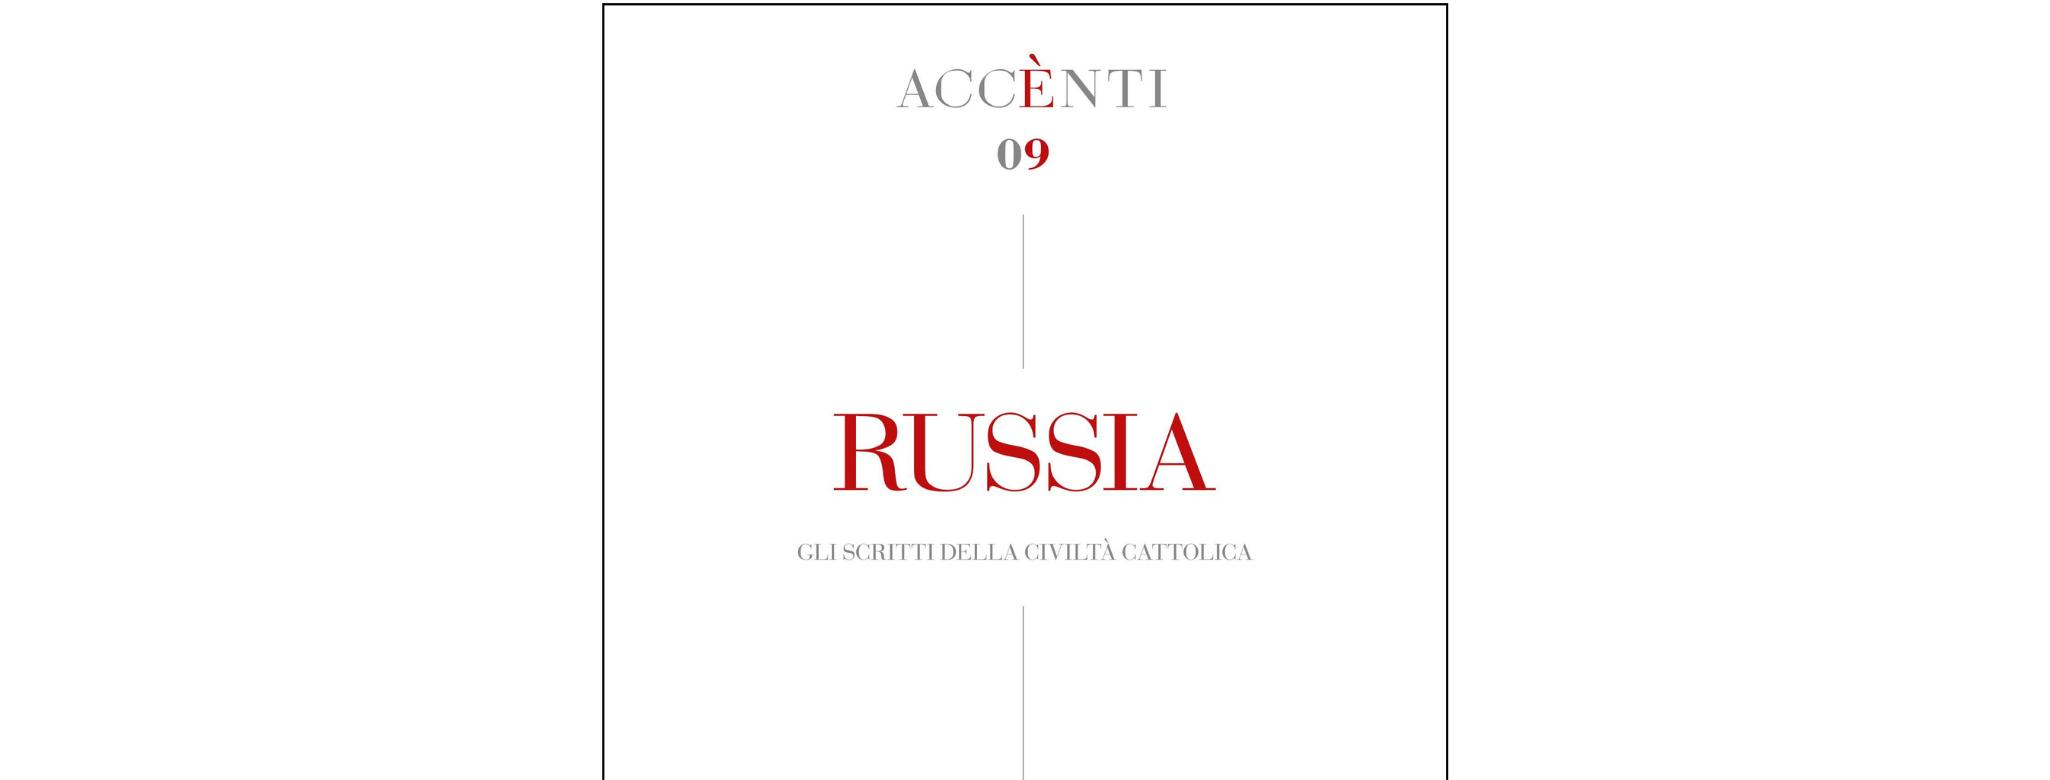 Июльский номер «Акцентов» посвящен России